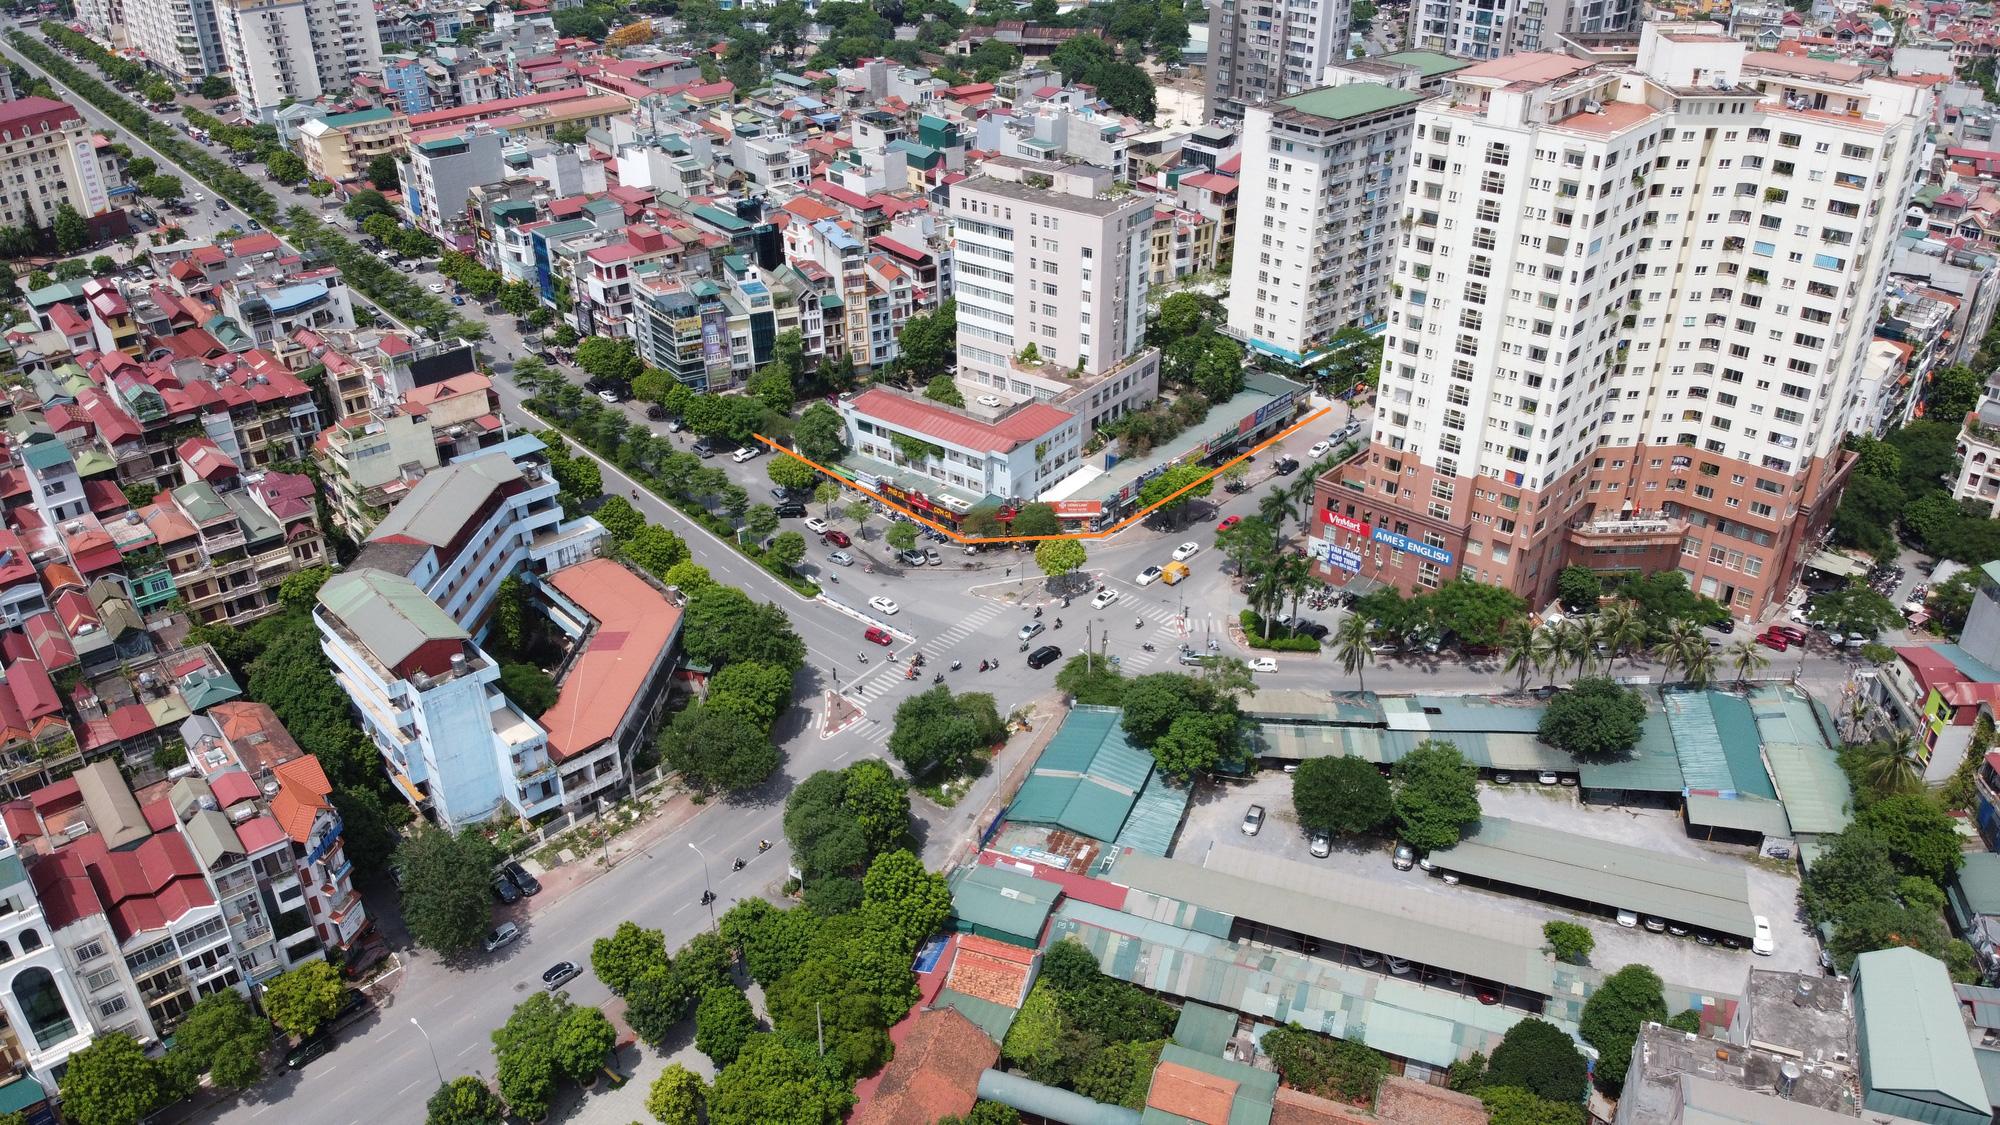 Những khu dính quy hoạch phường Trung Hòa, Cầu Giấy, Hà Nội (phần 3) - Ảnh 11.